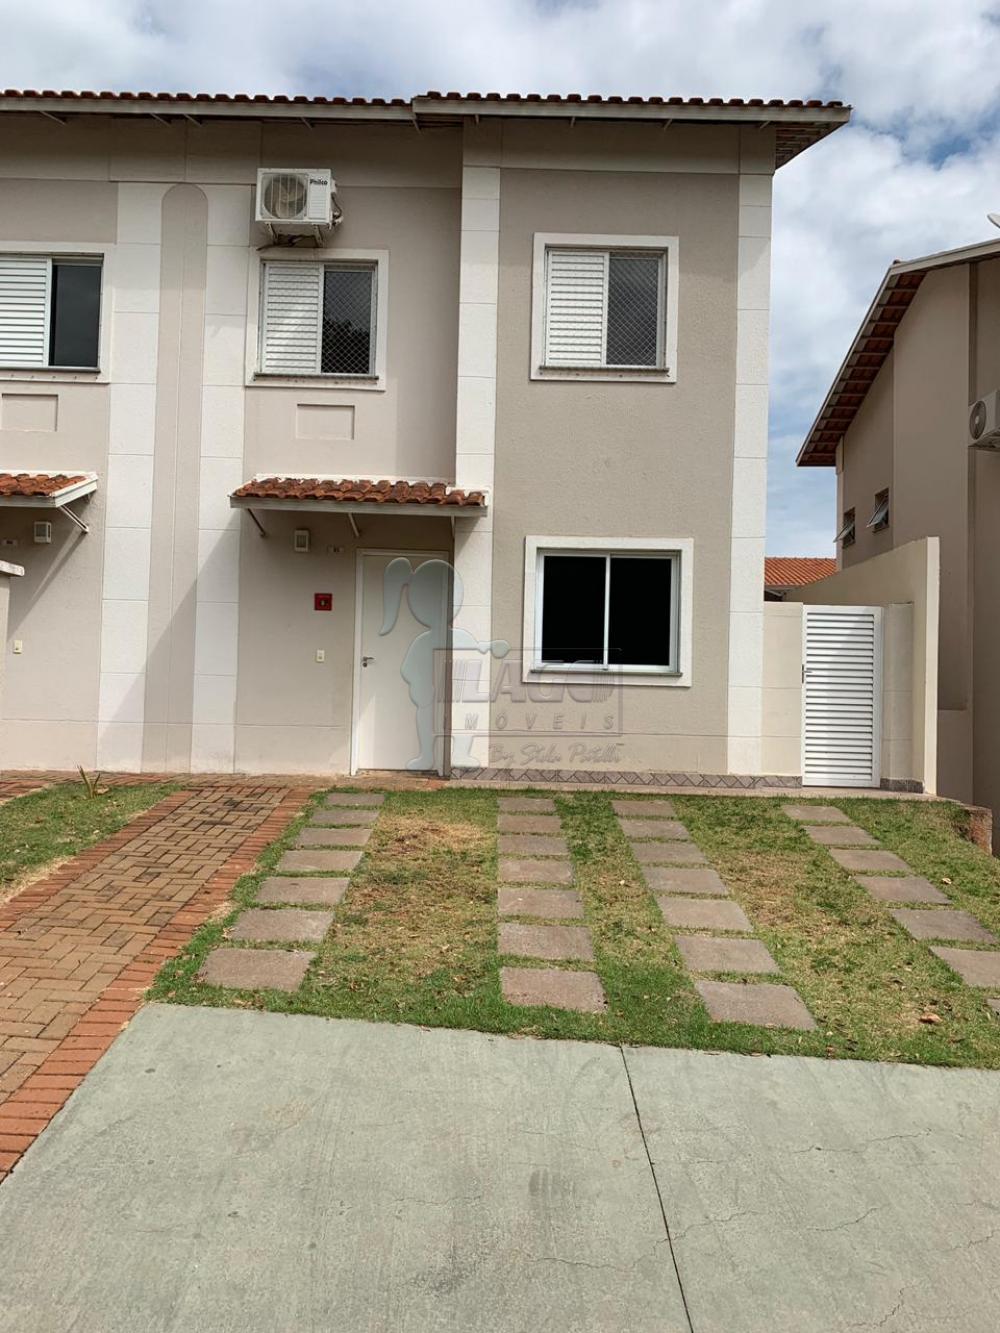 Comprar Casas / Condomínio em Ribeirão Preto apenas R$ 460.000,00 - Foto 1